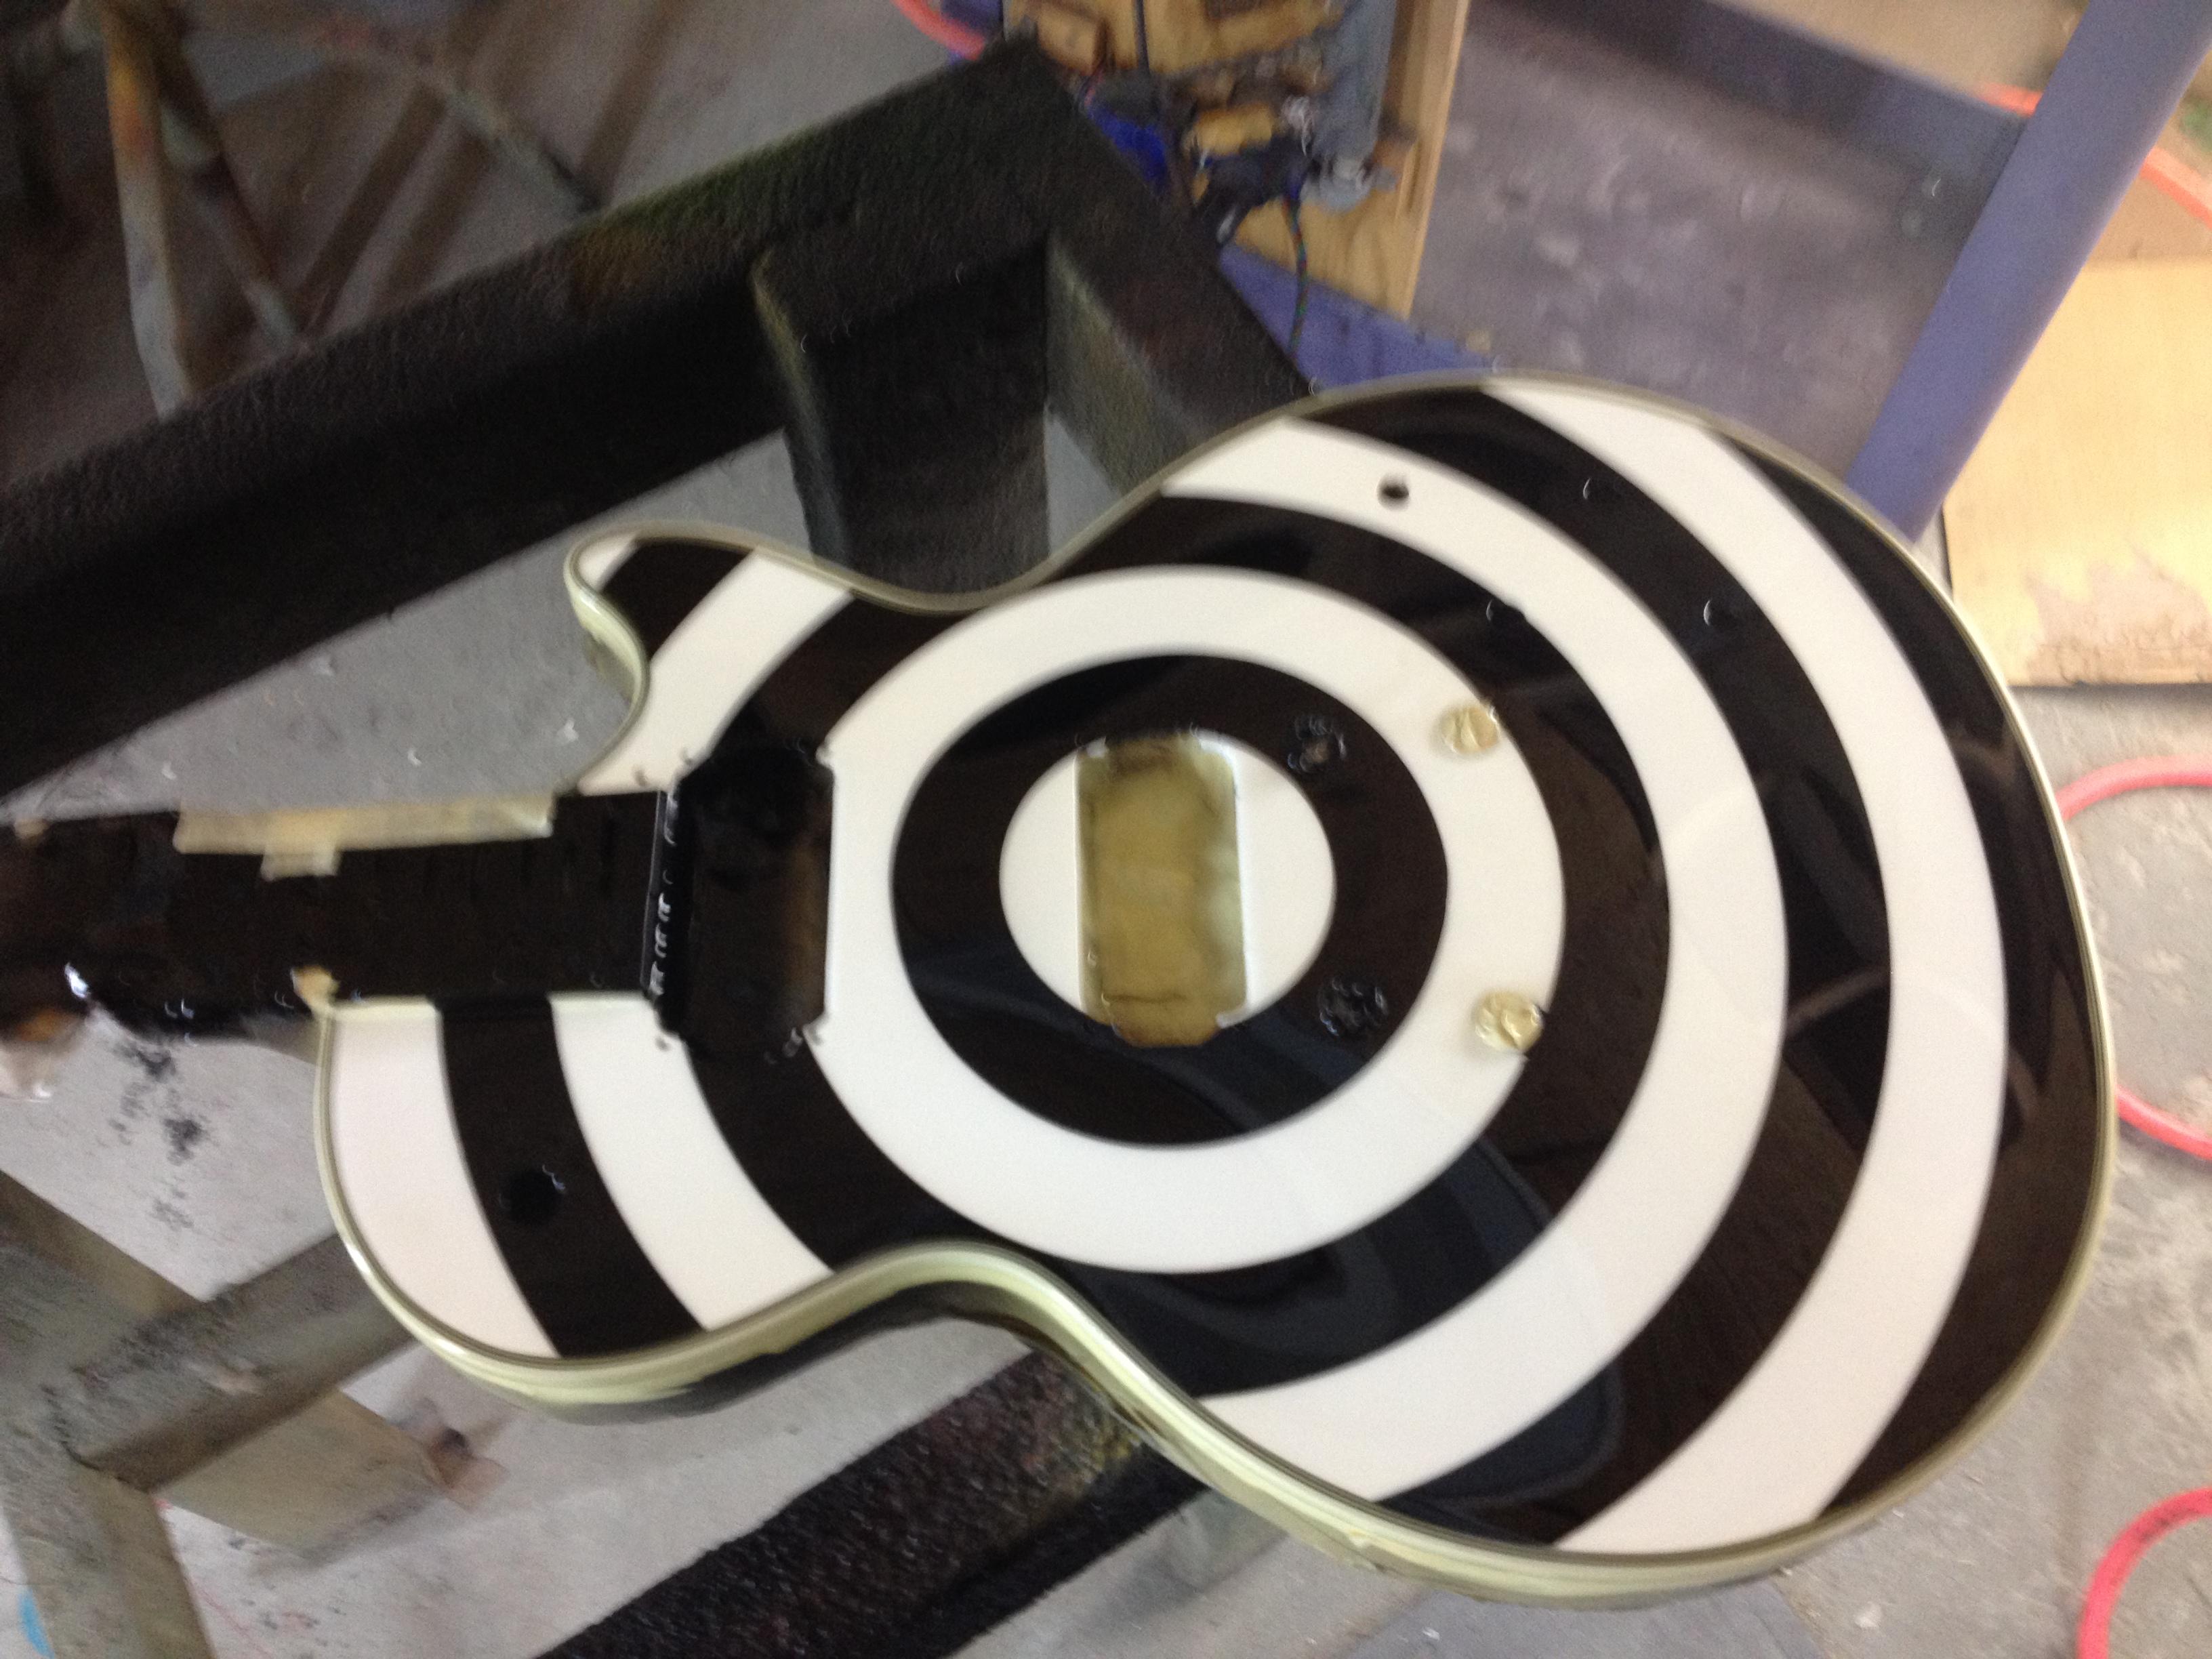 Guitar-Greg-Cassell-Zakk-Wylde-black-white-Replica-Epiphone (1)